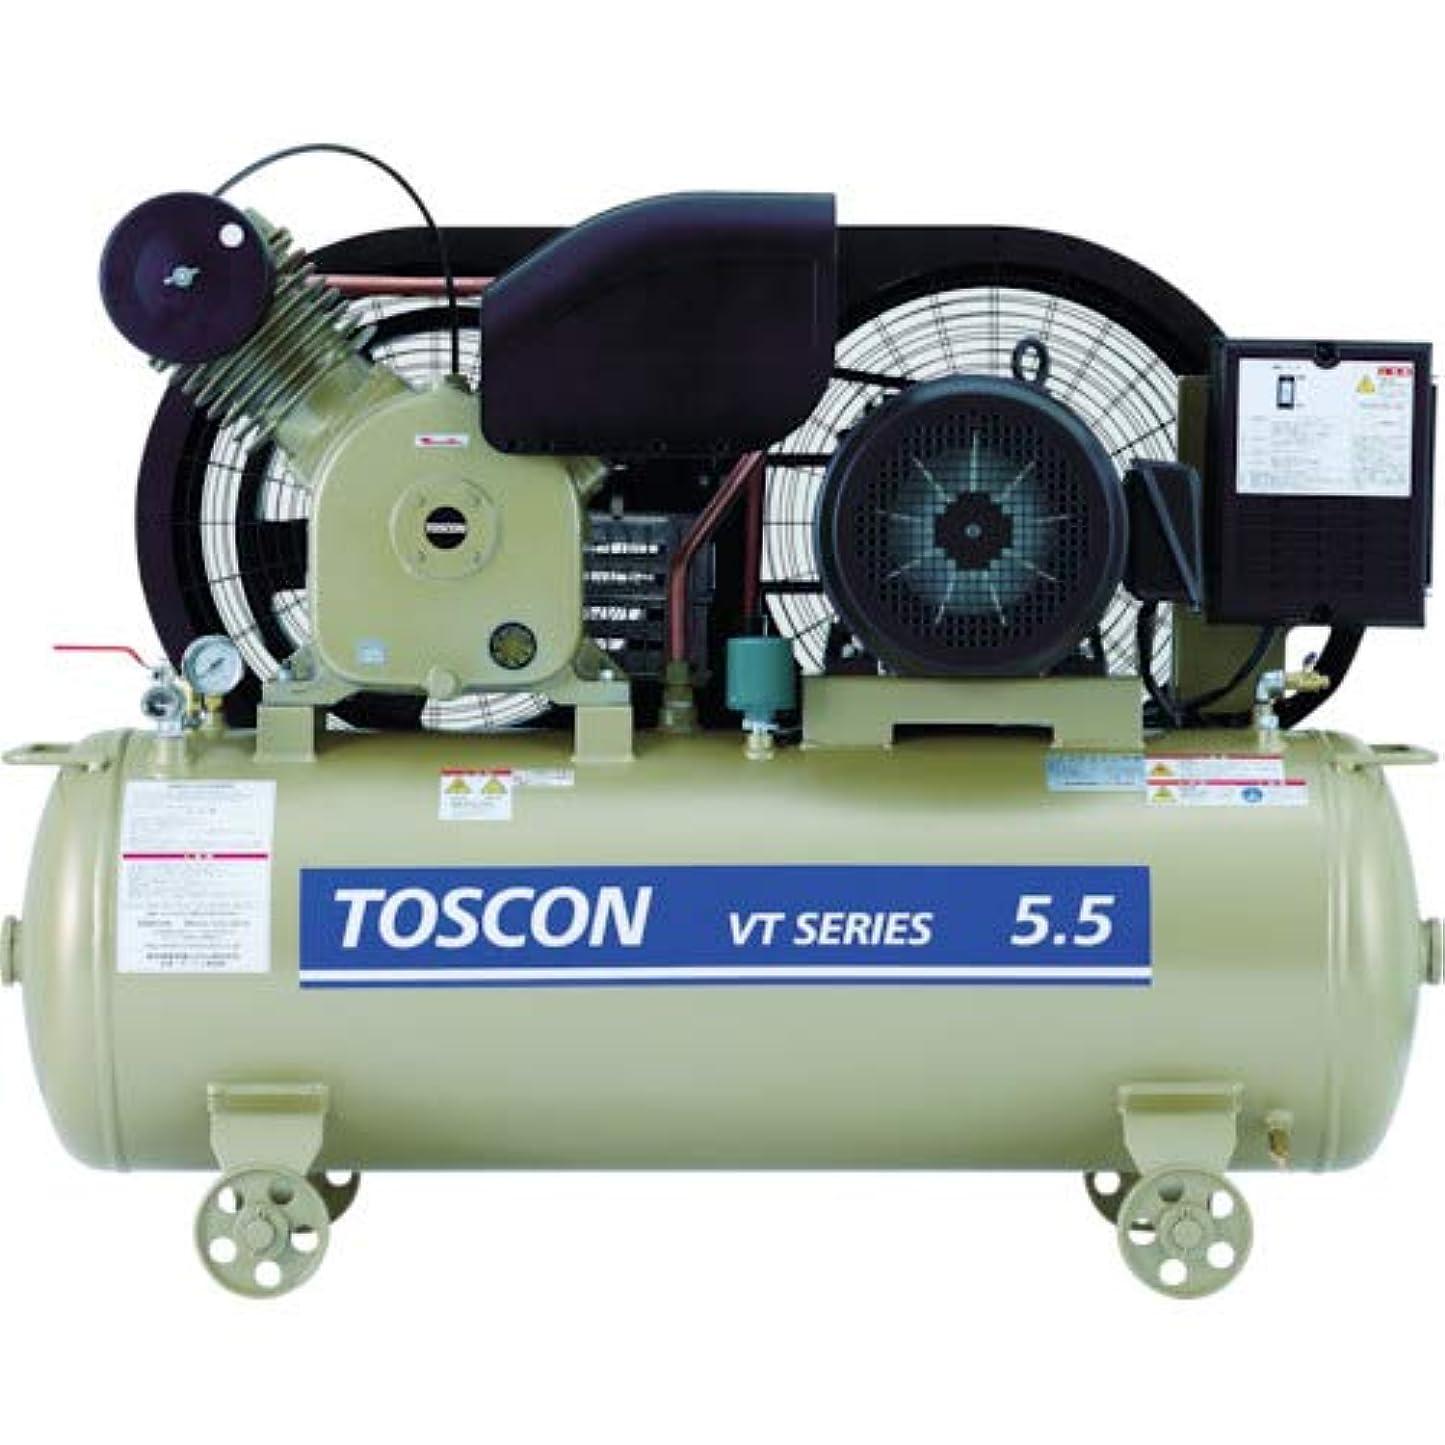 に賛成に同意する半円東芝 タンクマウントシリーズ 給油式 コンプレッサ 低圧 VT105-22T